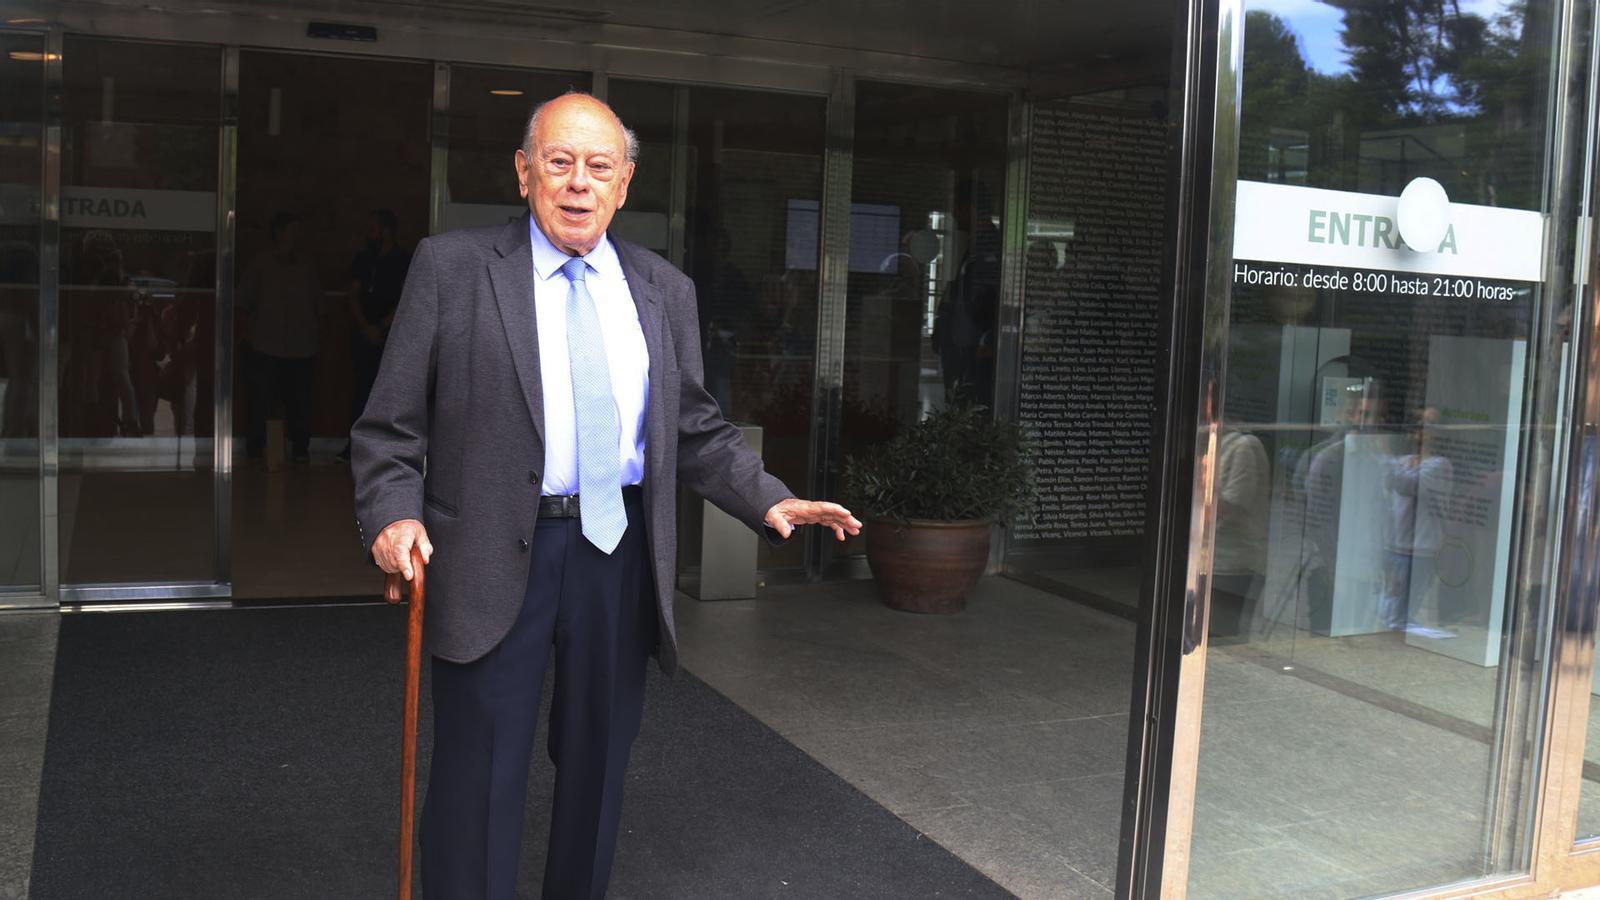 L'anàlisi d'Antoni Bassas: 'Jordi Pujol fa 90 anys'